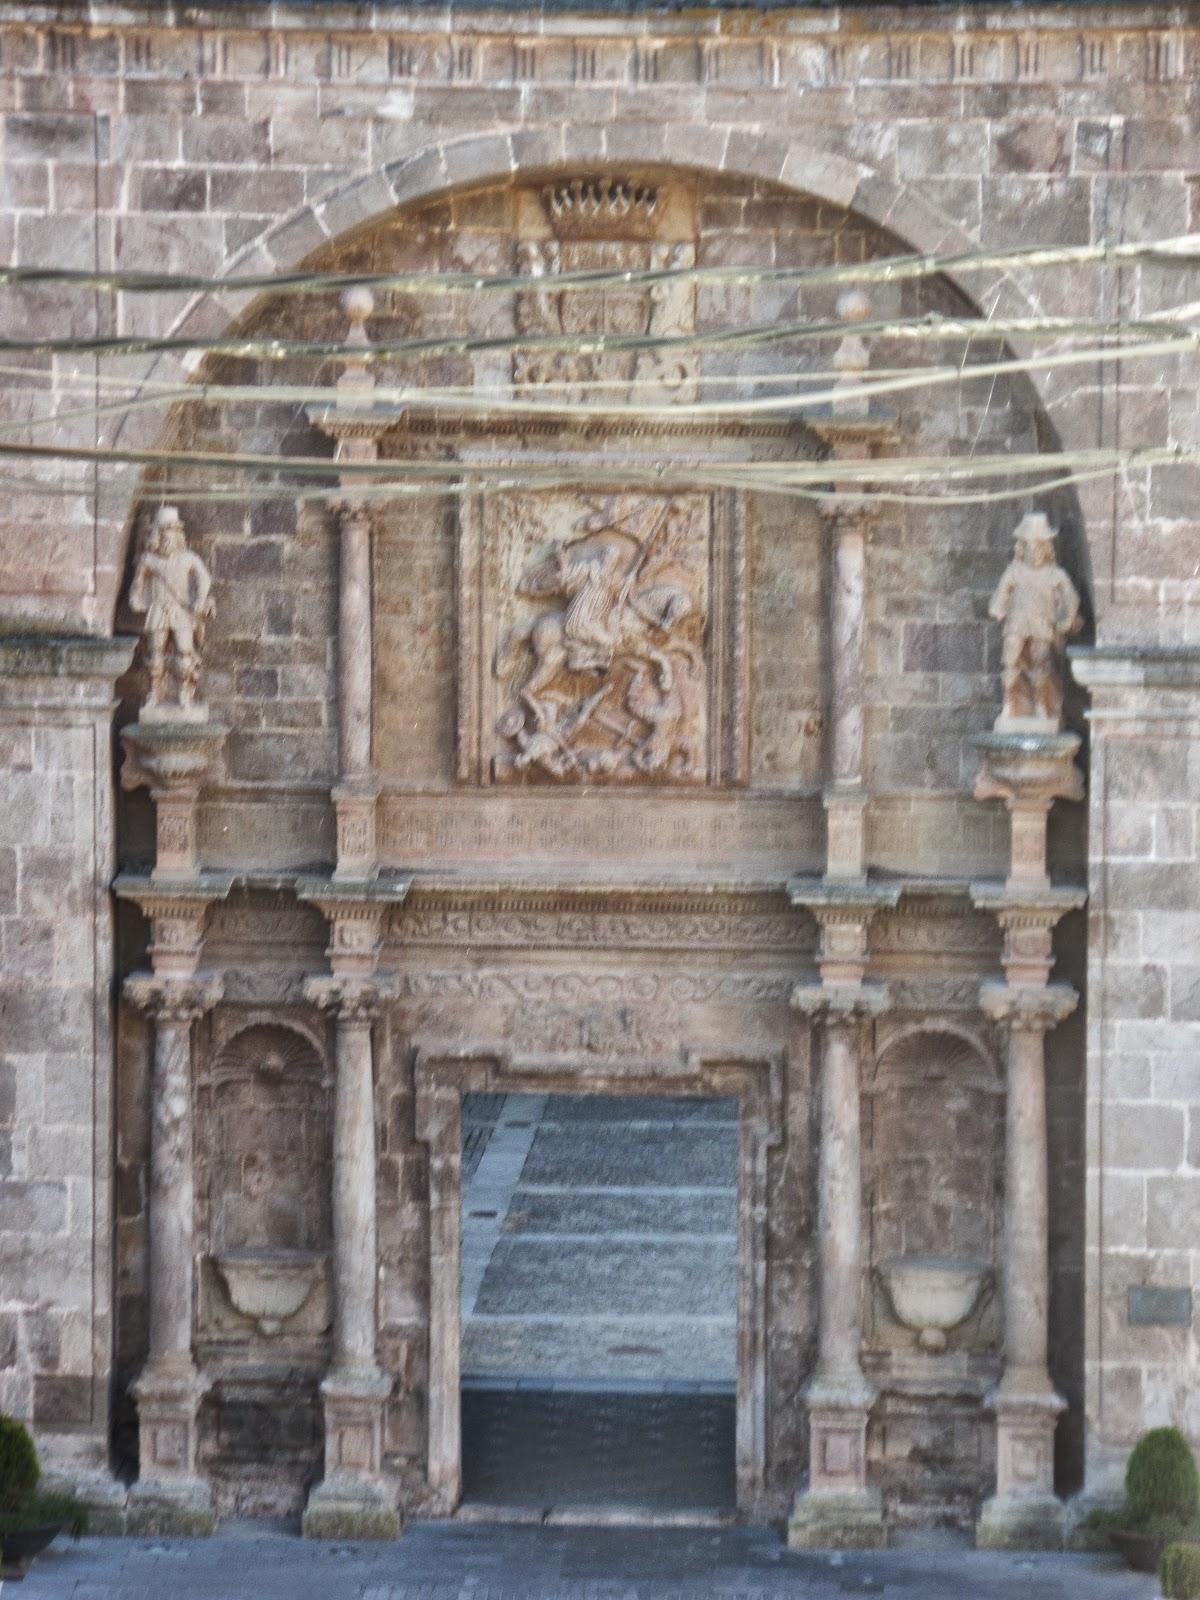 El Blog de María Serralba-LA RIOJA, lugar de vinos, historia y tradición - 7ª parte